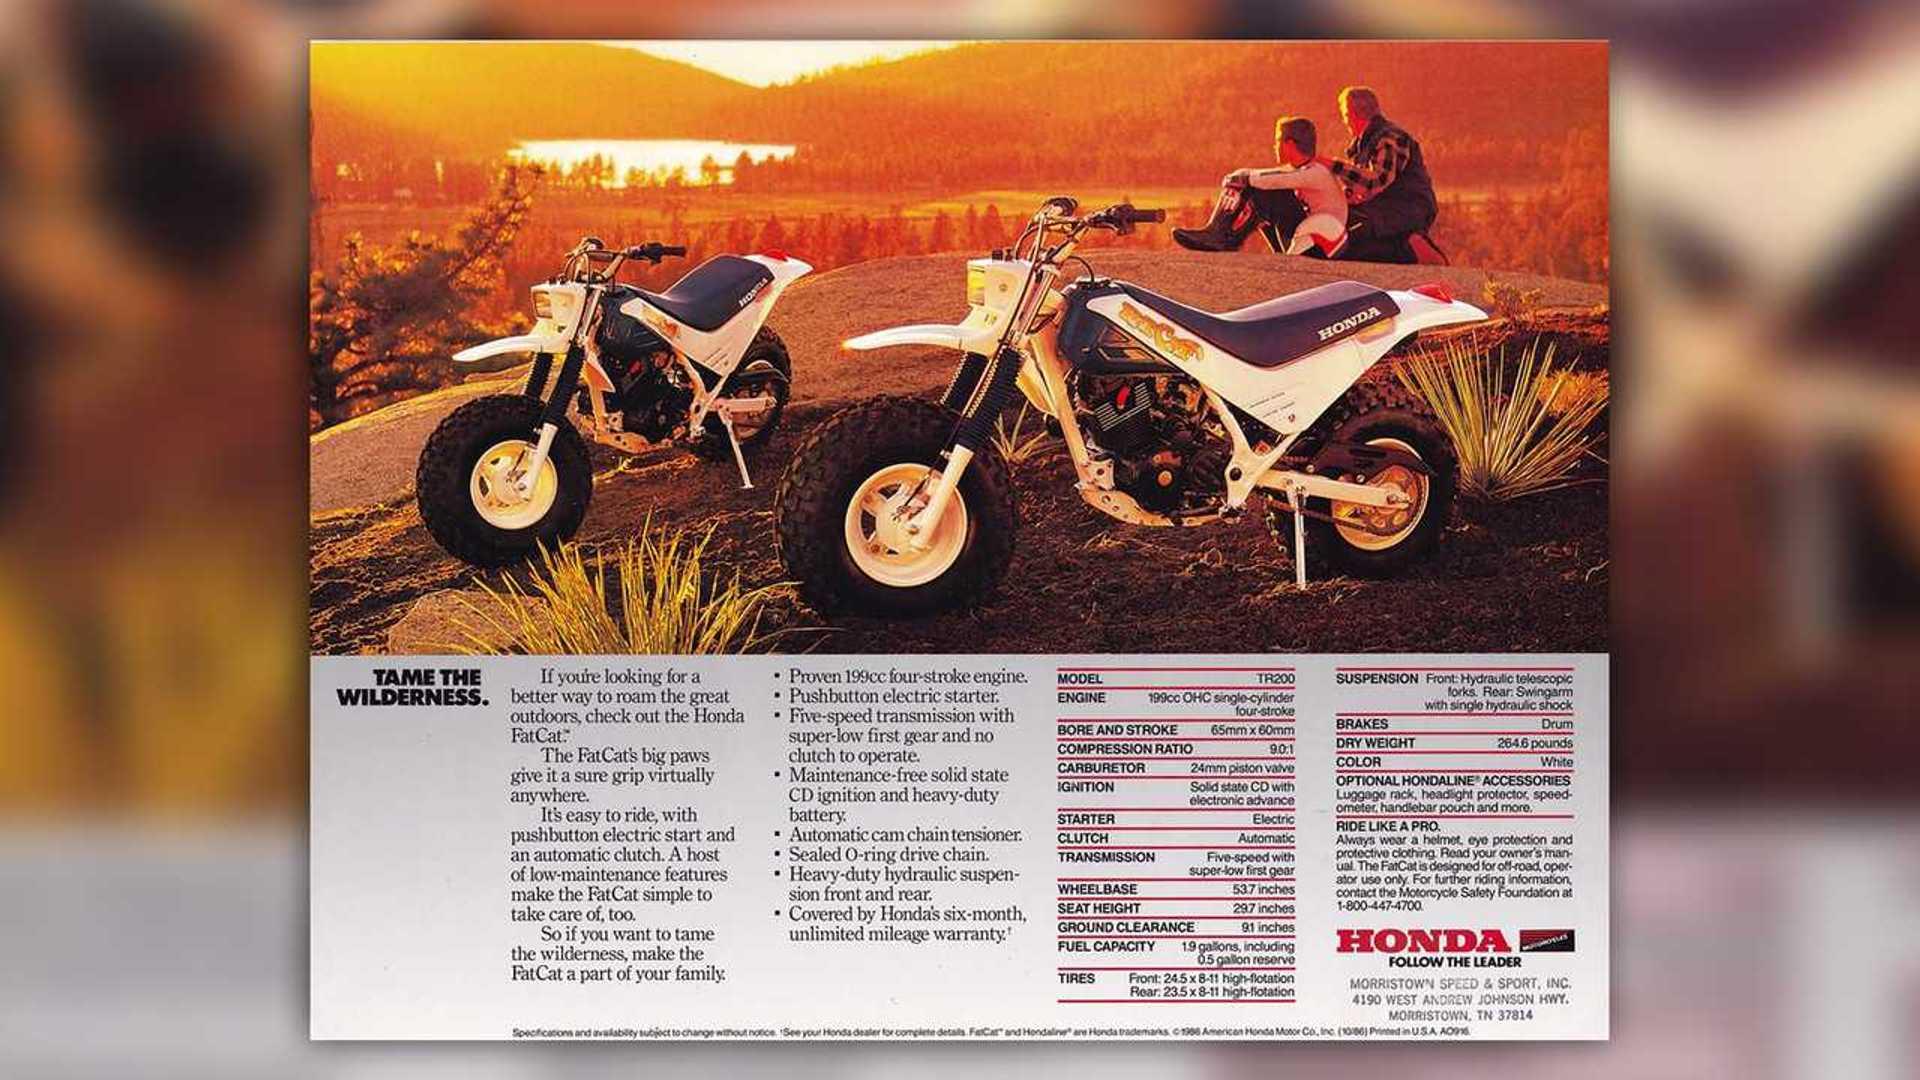 BI-DIRECTIONAL PUMP MOTOR FENNER PRIME TRACK MOVER SPX SLOTTED 12V